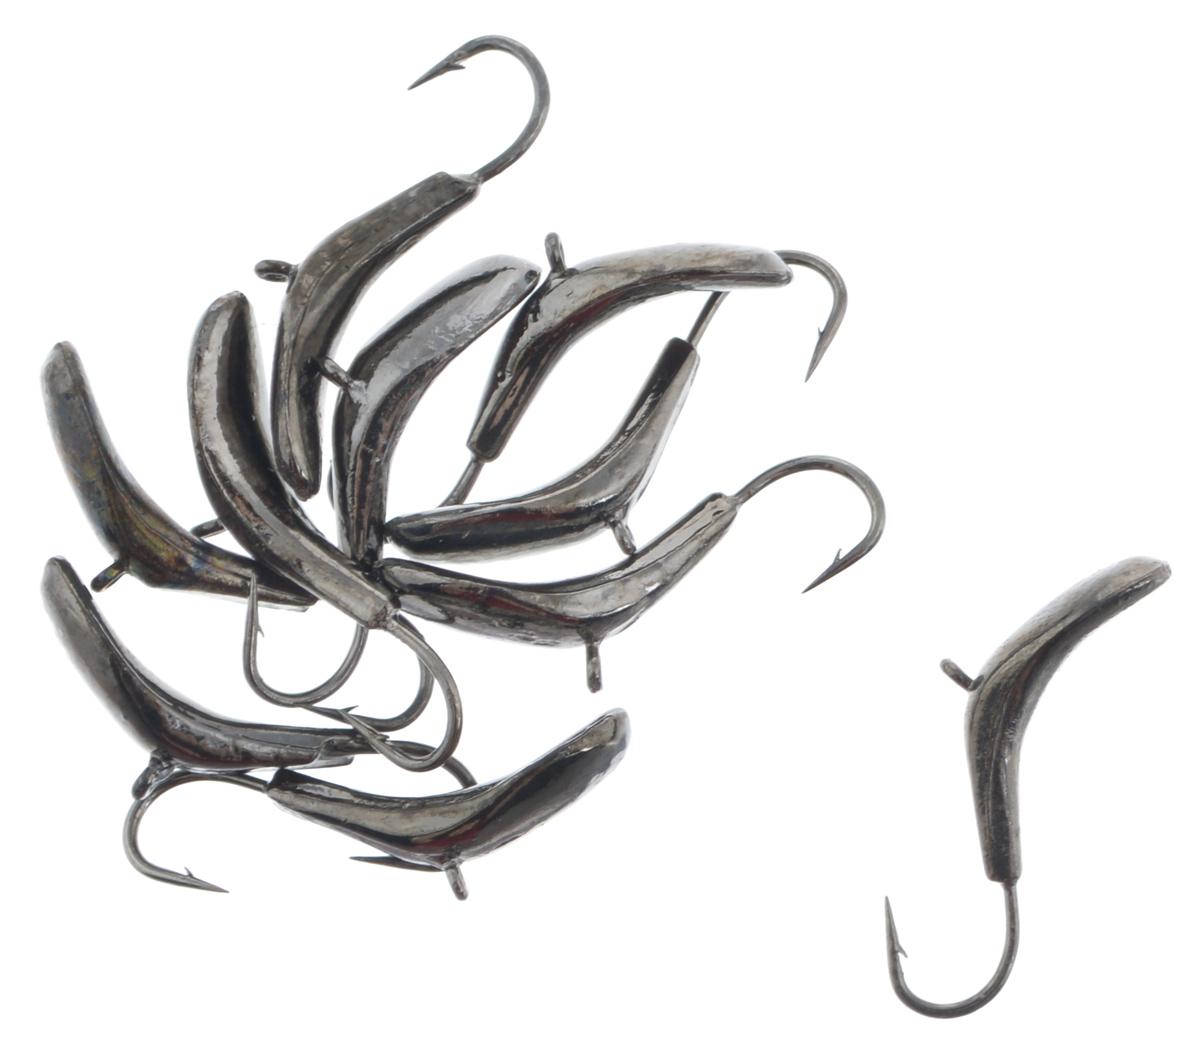 Мормышка вольфрамовая Dixxon-Russia, комар, цвет: черный никель, диаметр 3 мм, 0,6 г, 10 шт